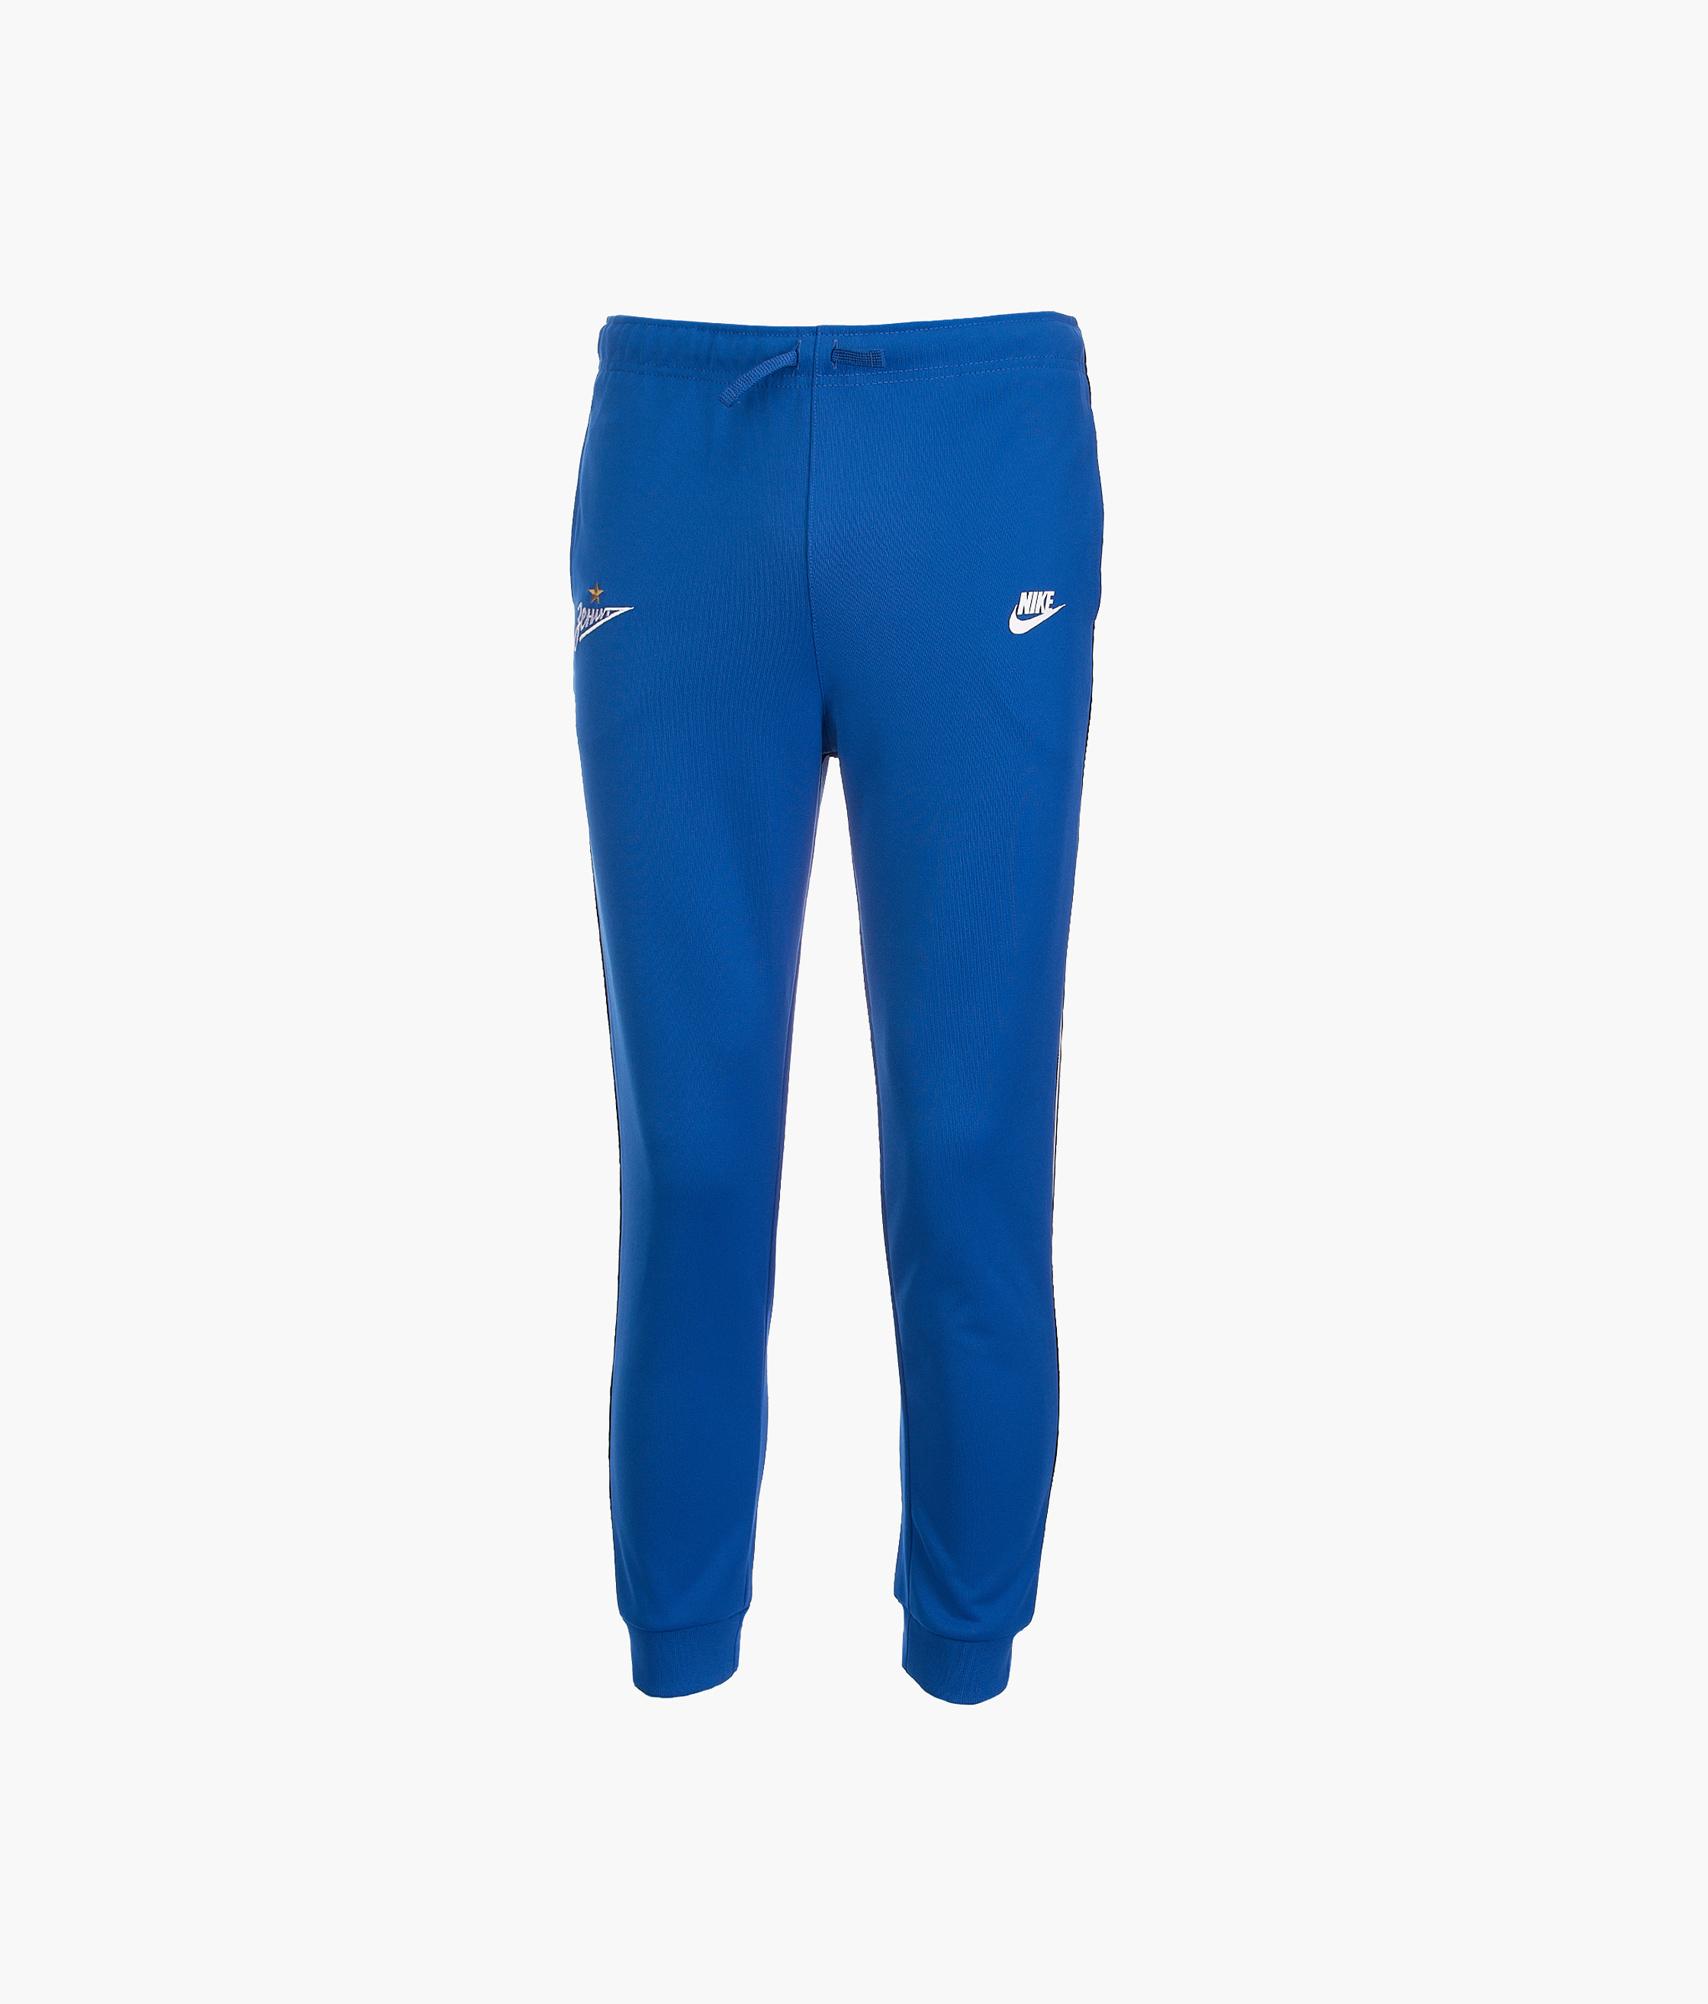 Брюки подростковые Nike Nike Цвет-Синий